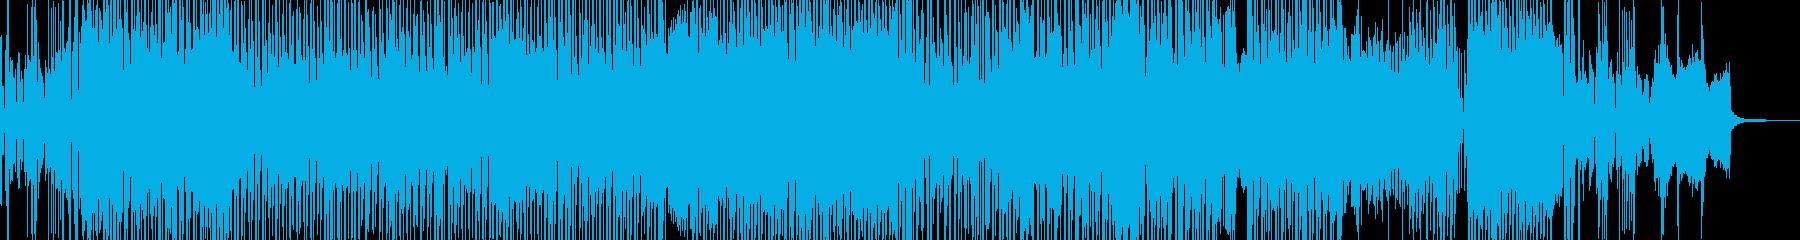 まったり&軽快・カントリーテクノ Sの再生済みの波形